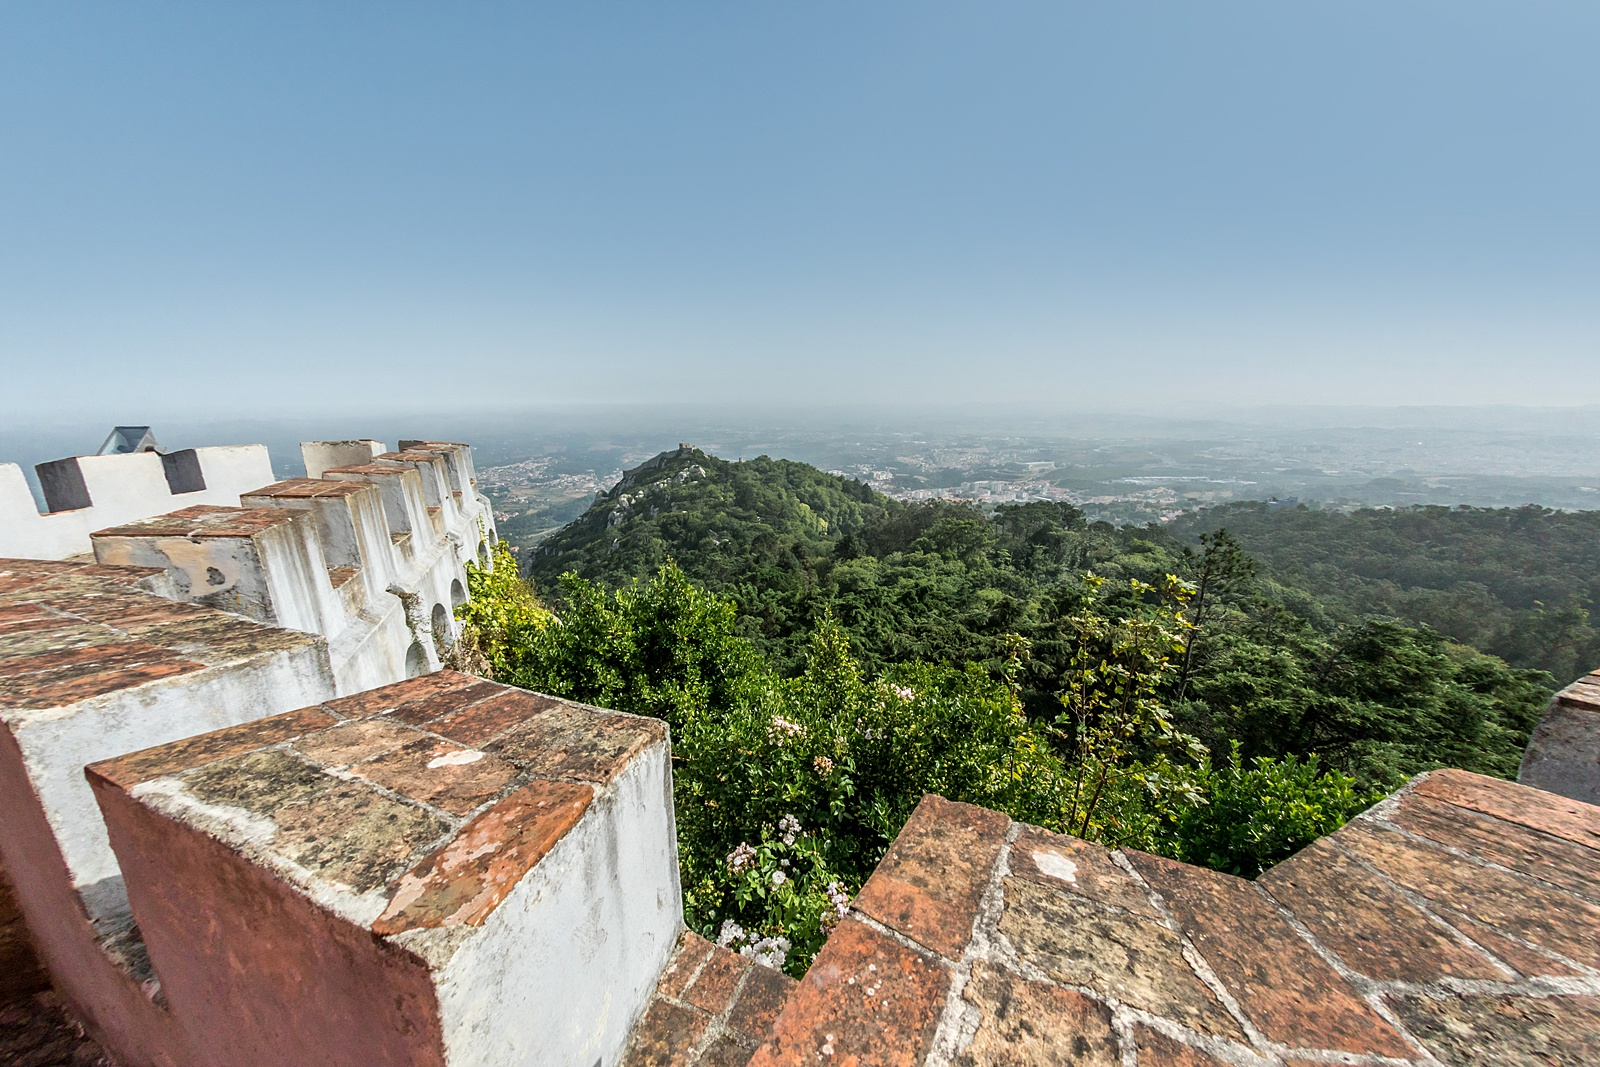 Wall Walk, Pena Palace, Sintra